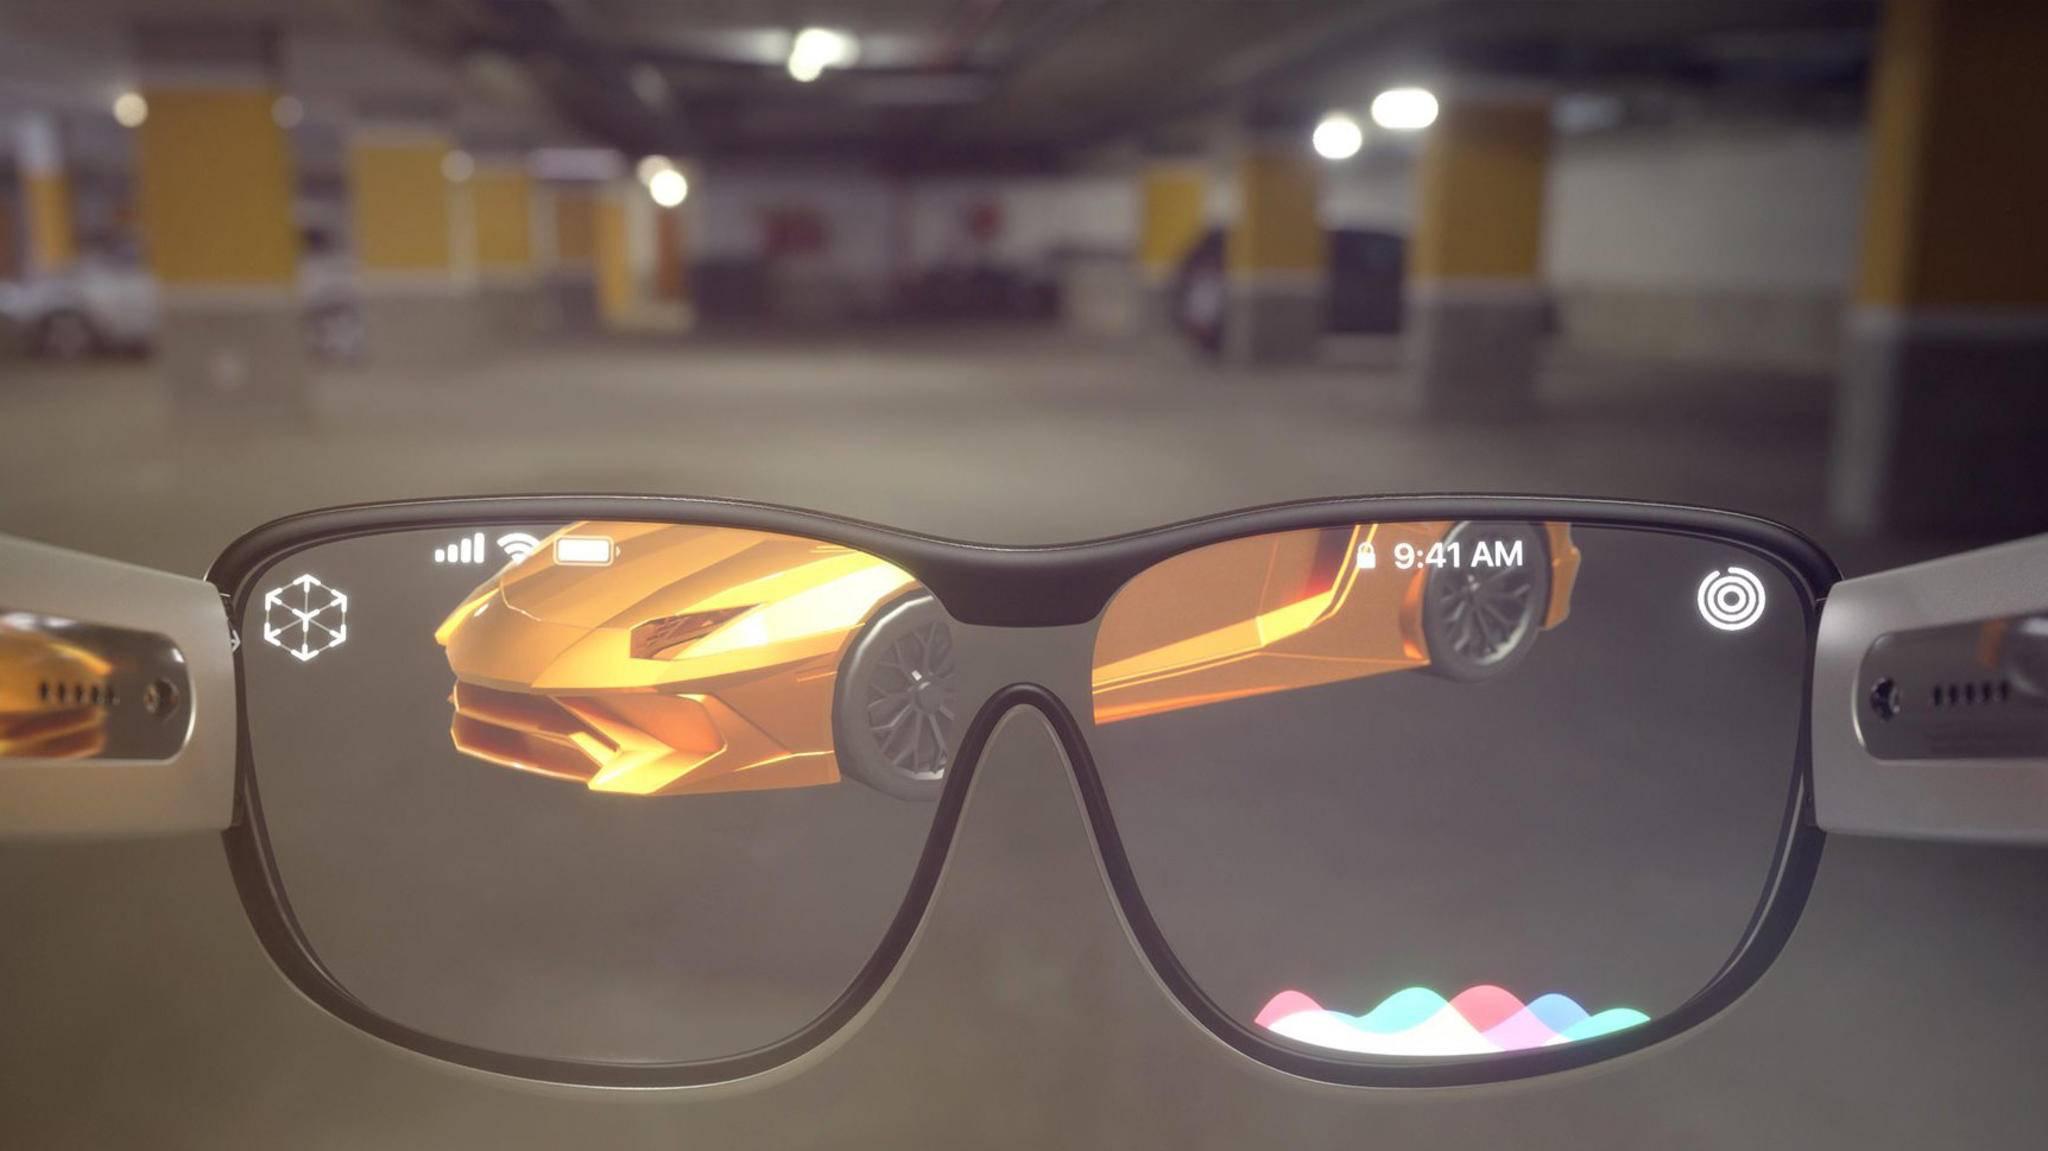 Apple hat ein AR-Unternehmen gekauft, das bei der Entwicklung von Apples AR-Brille mithelfen dürfte.